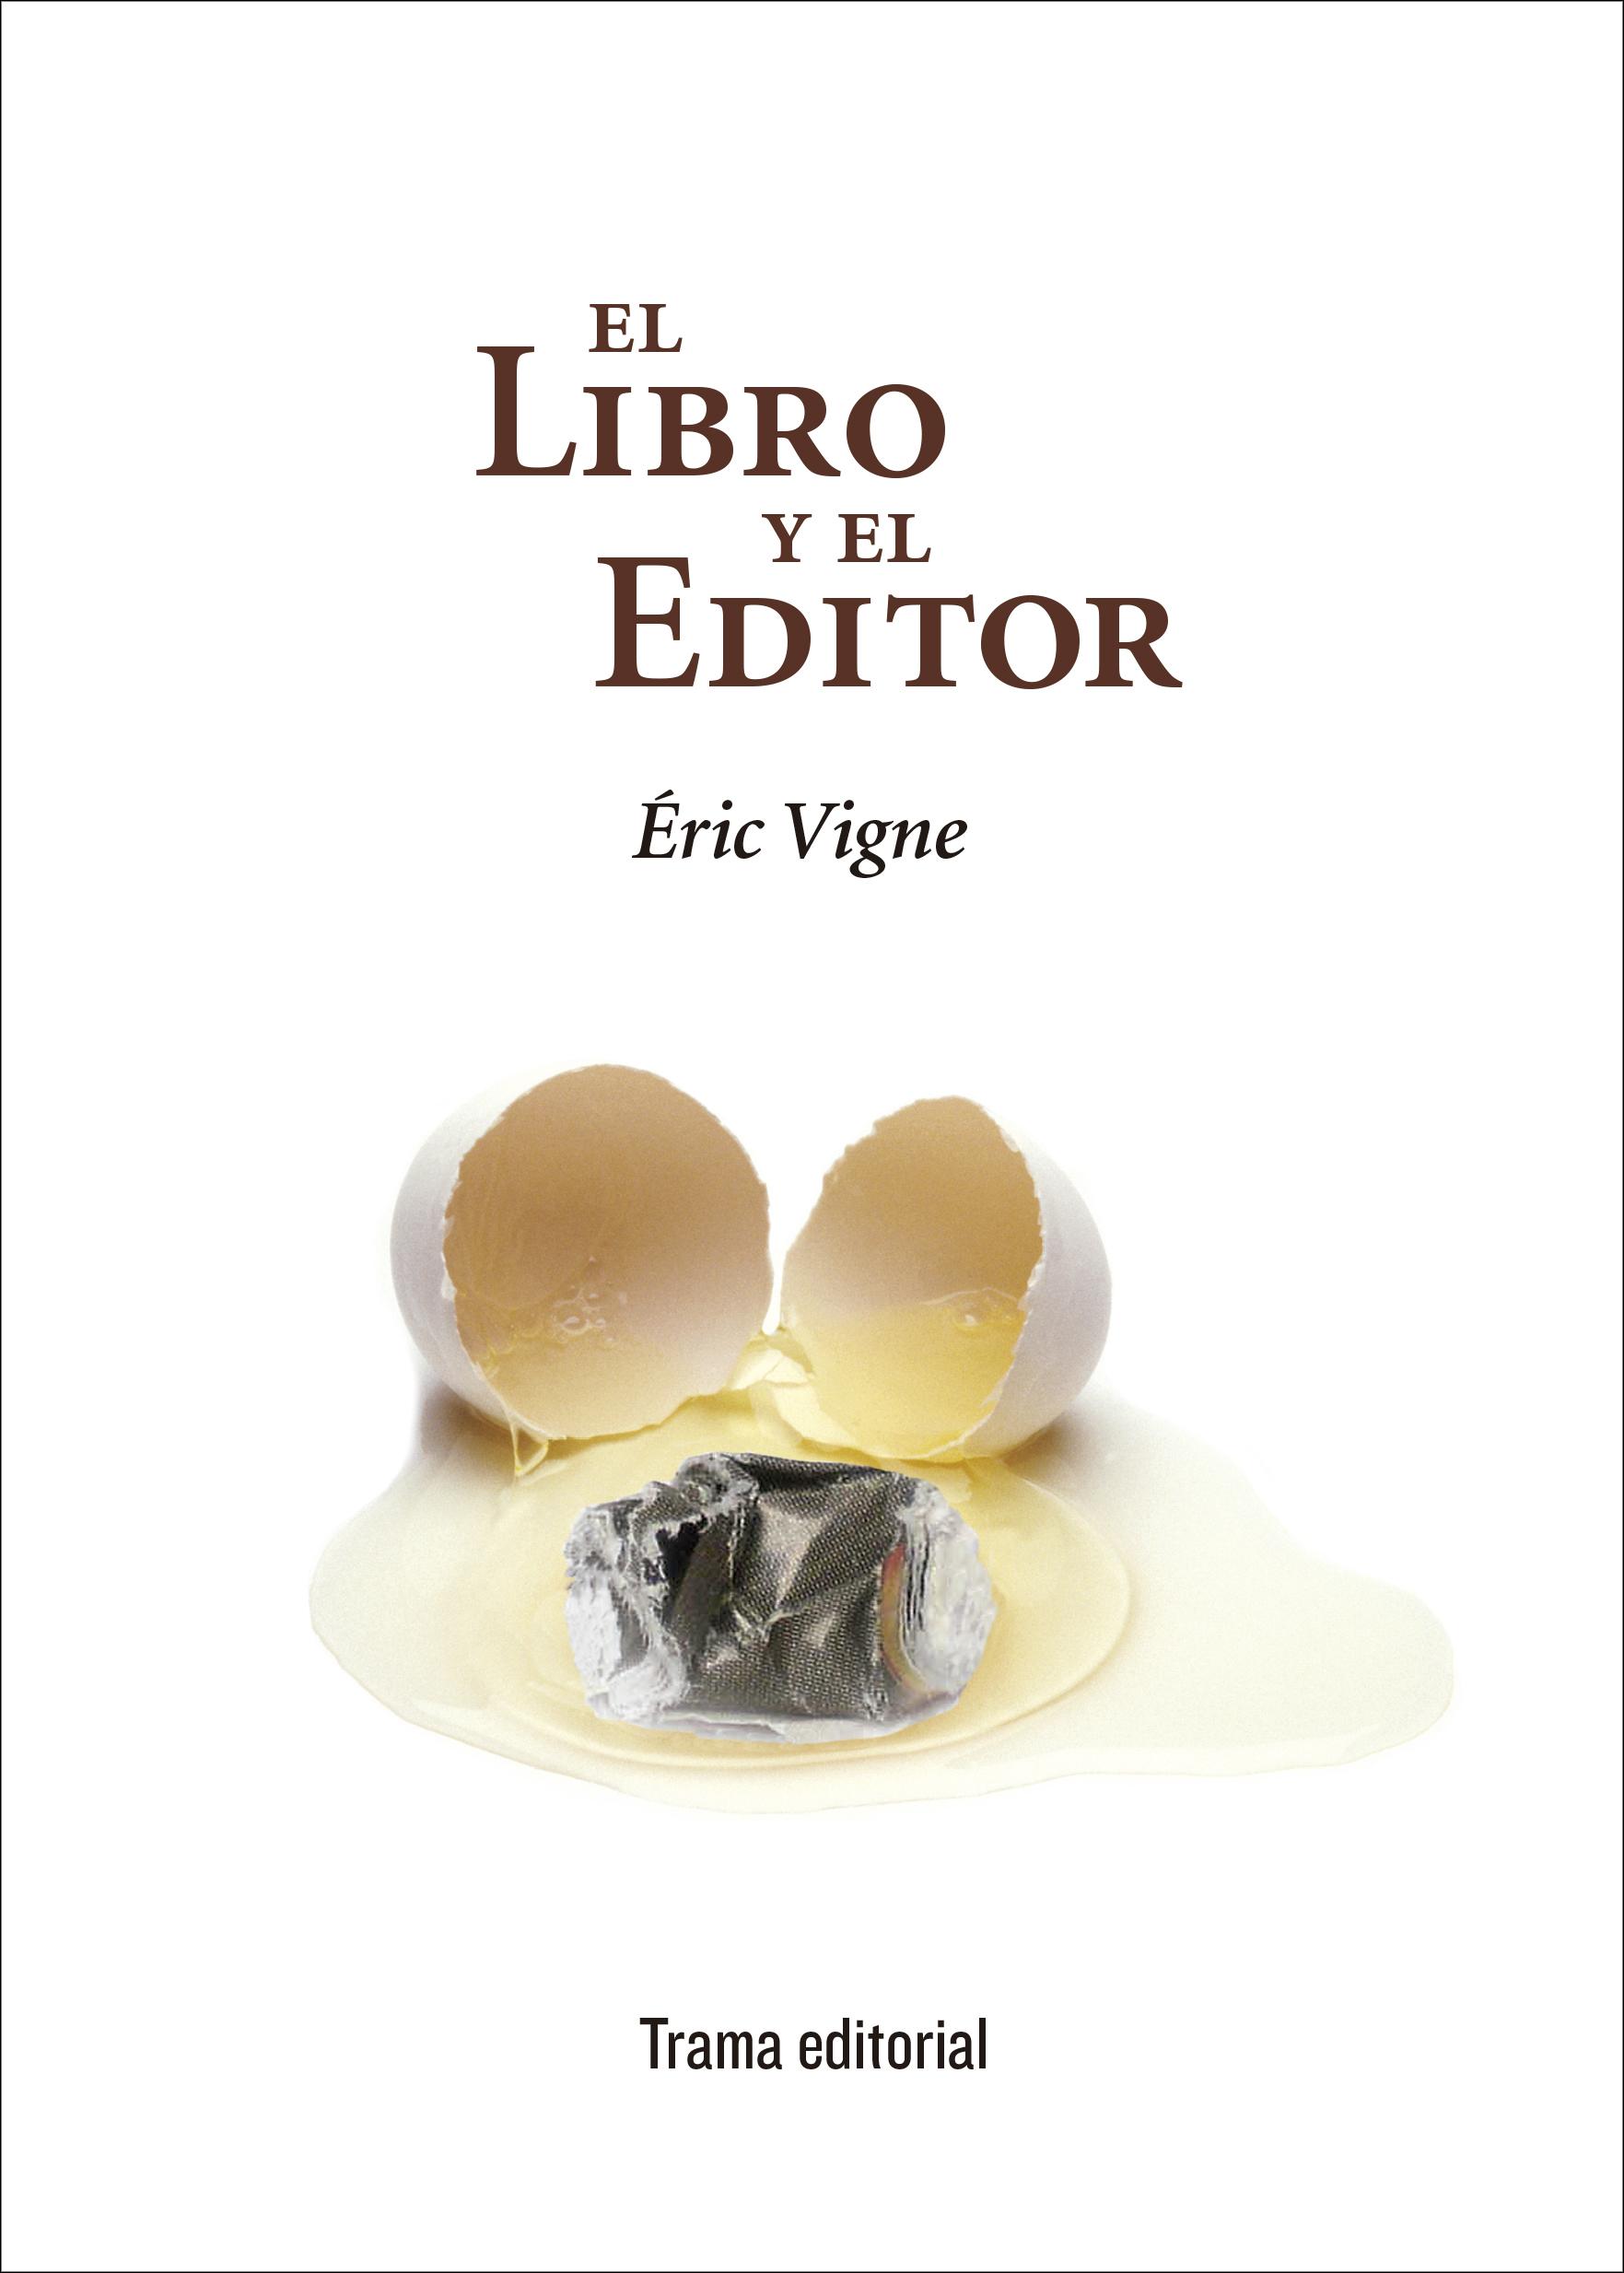 El libro y el editor de Éric Vigne visto por Alejandro Gamero